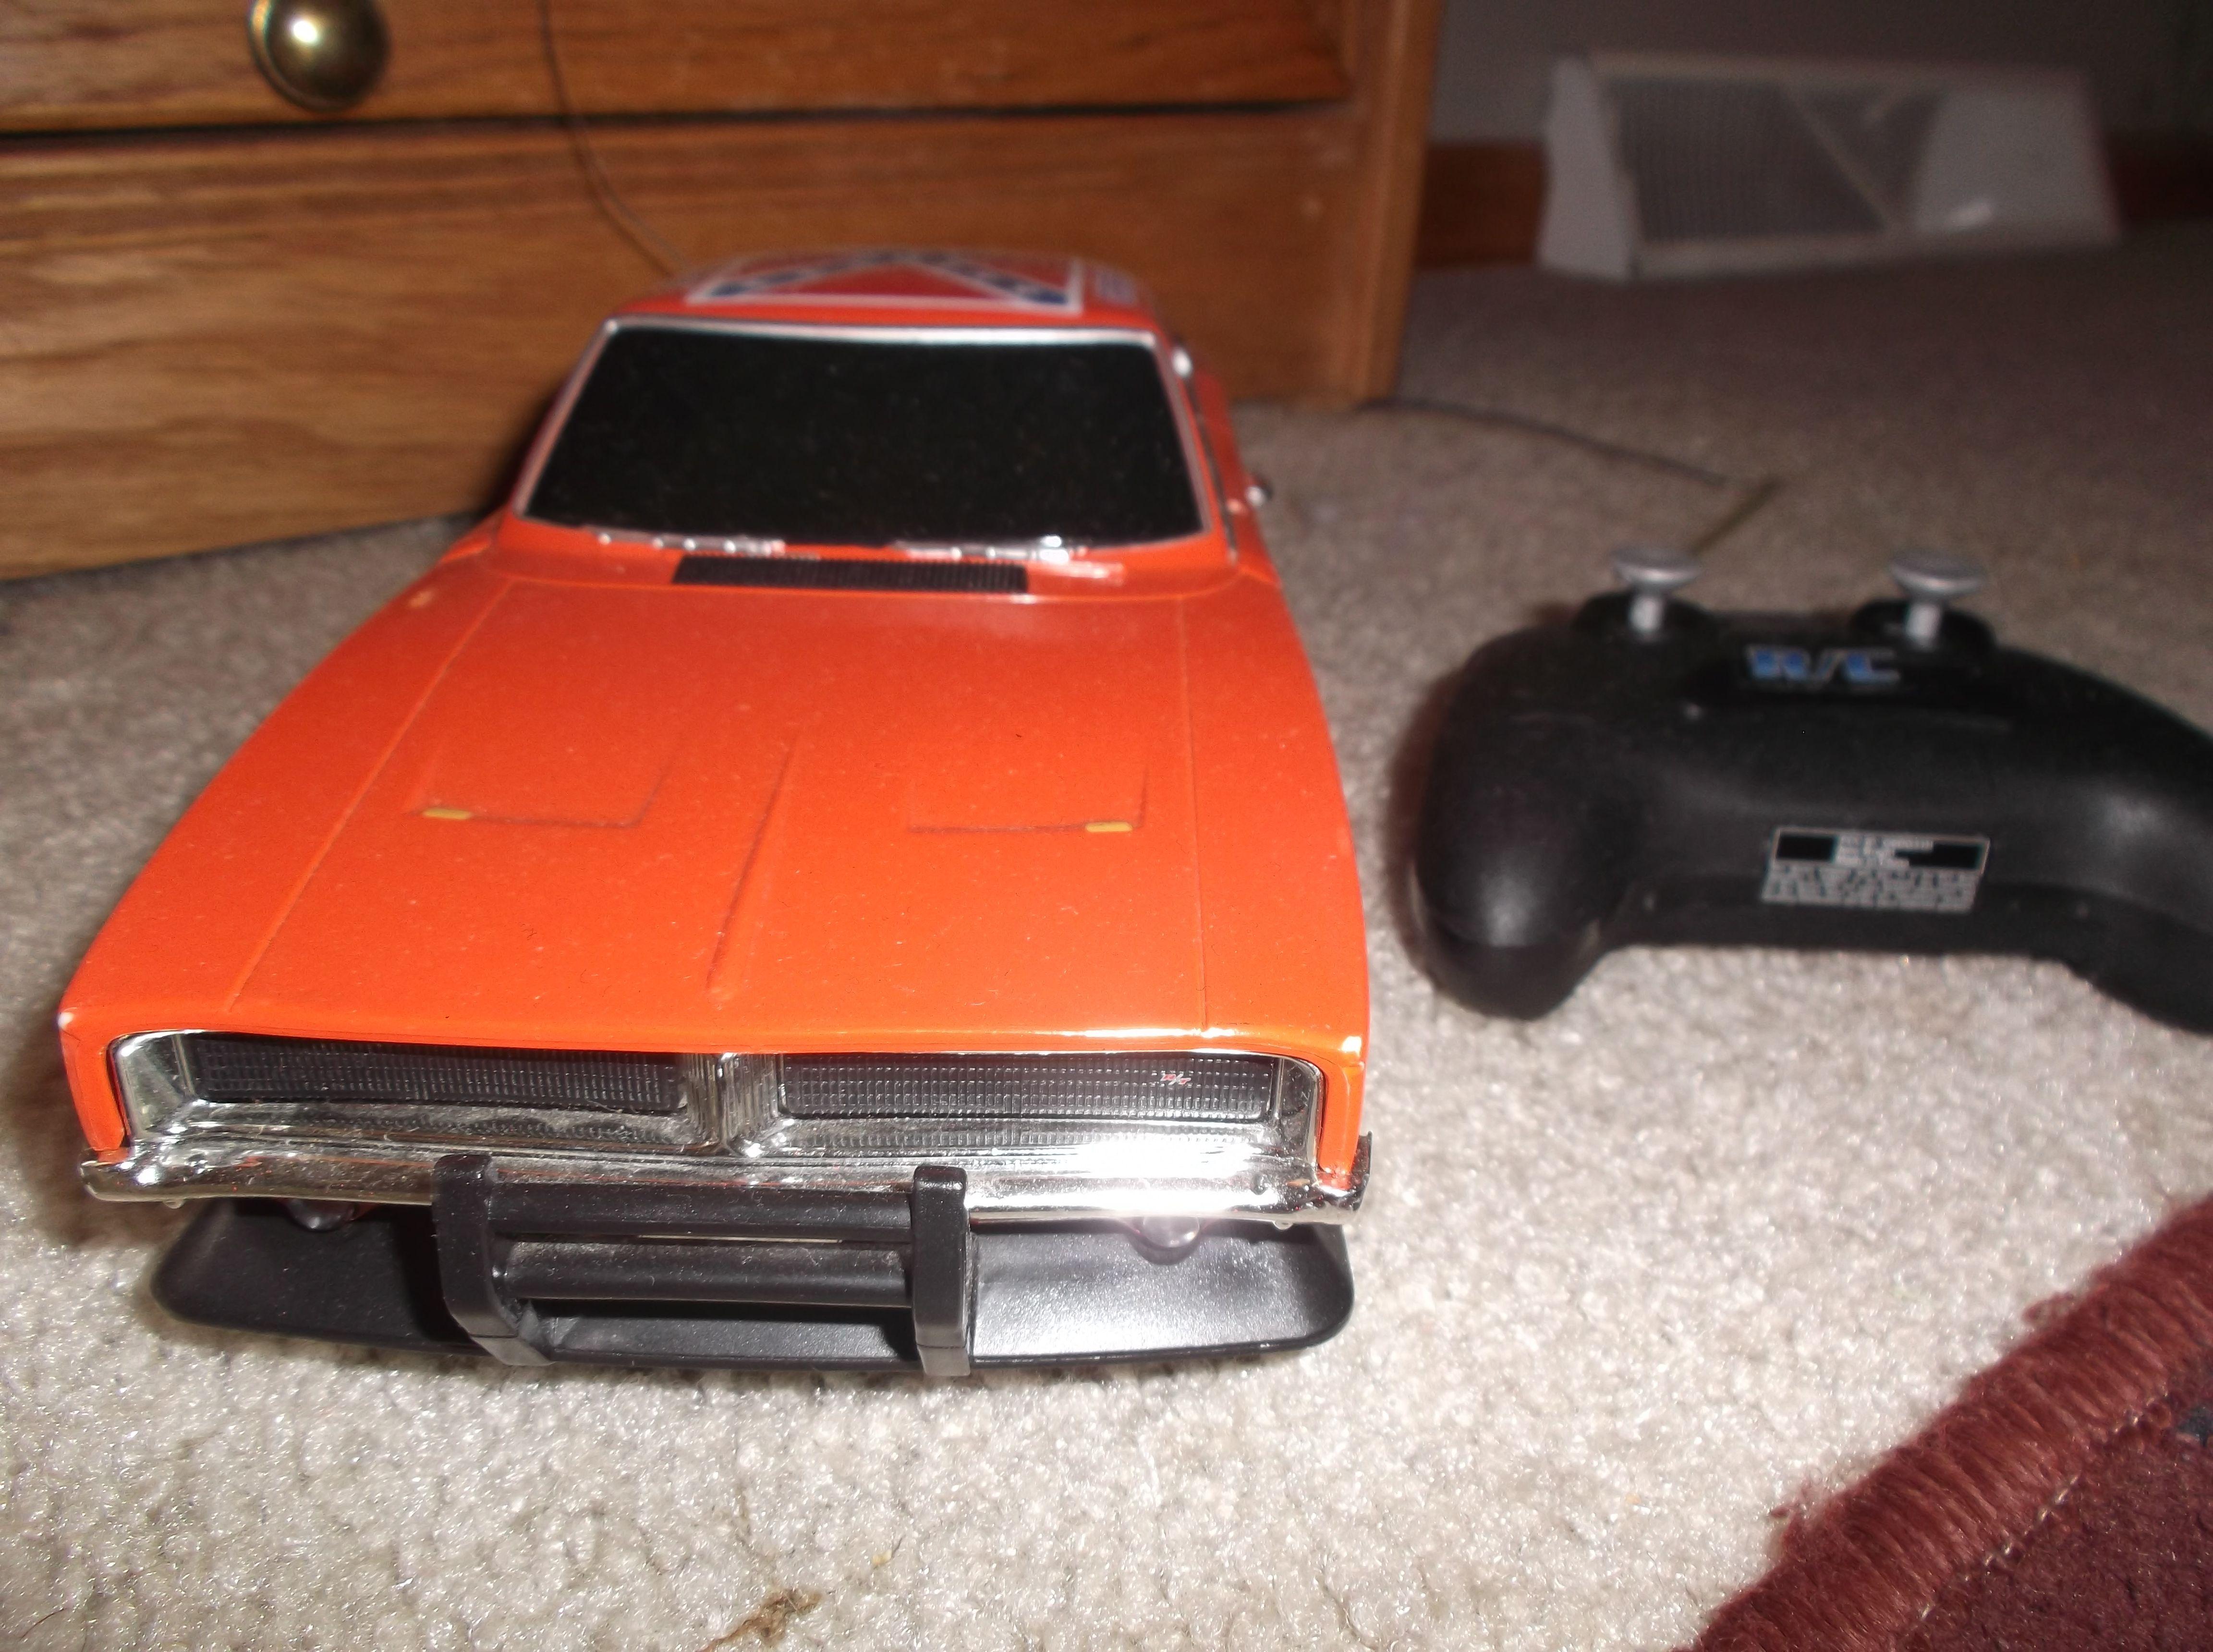 Dukes of Hazzard remote control car Remote control cars